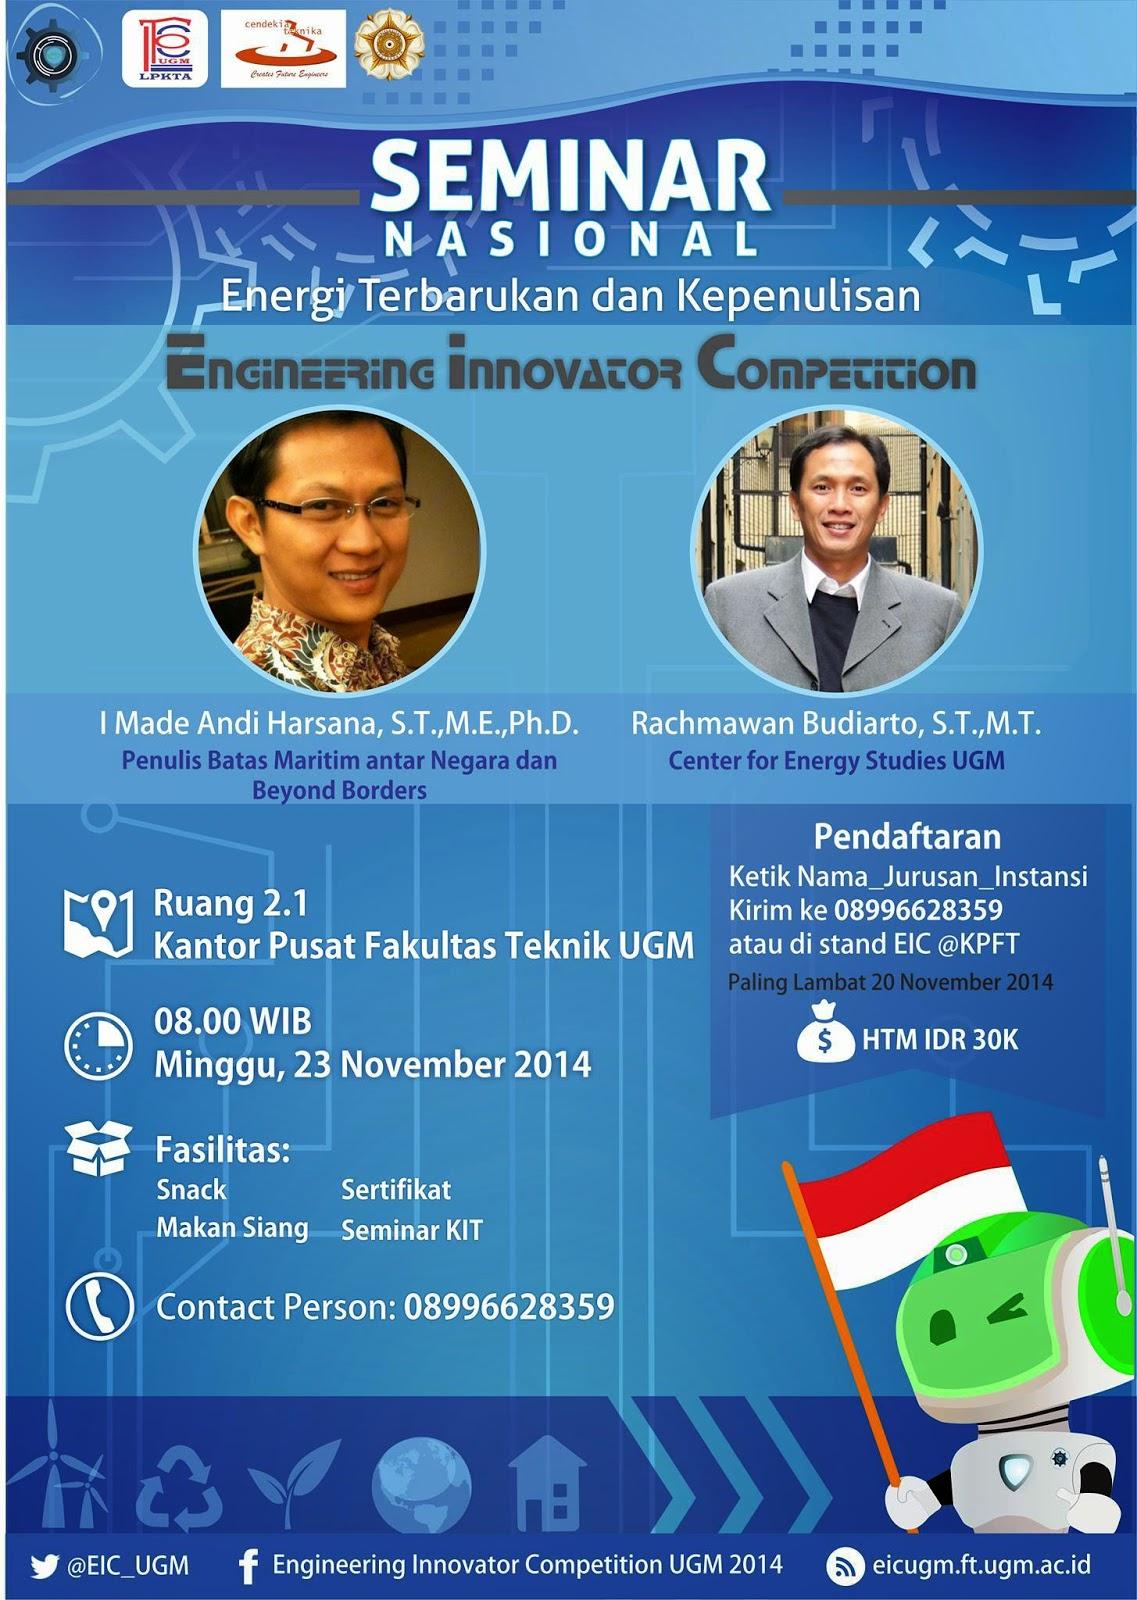 seminar nasional energi terbarukan dan kepenulisan info